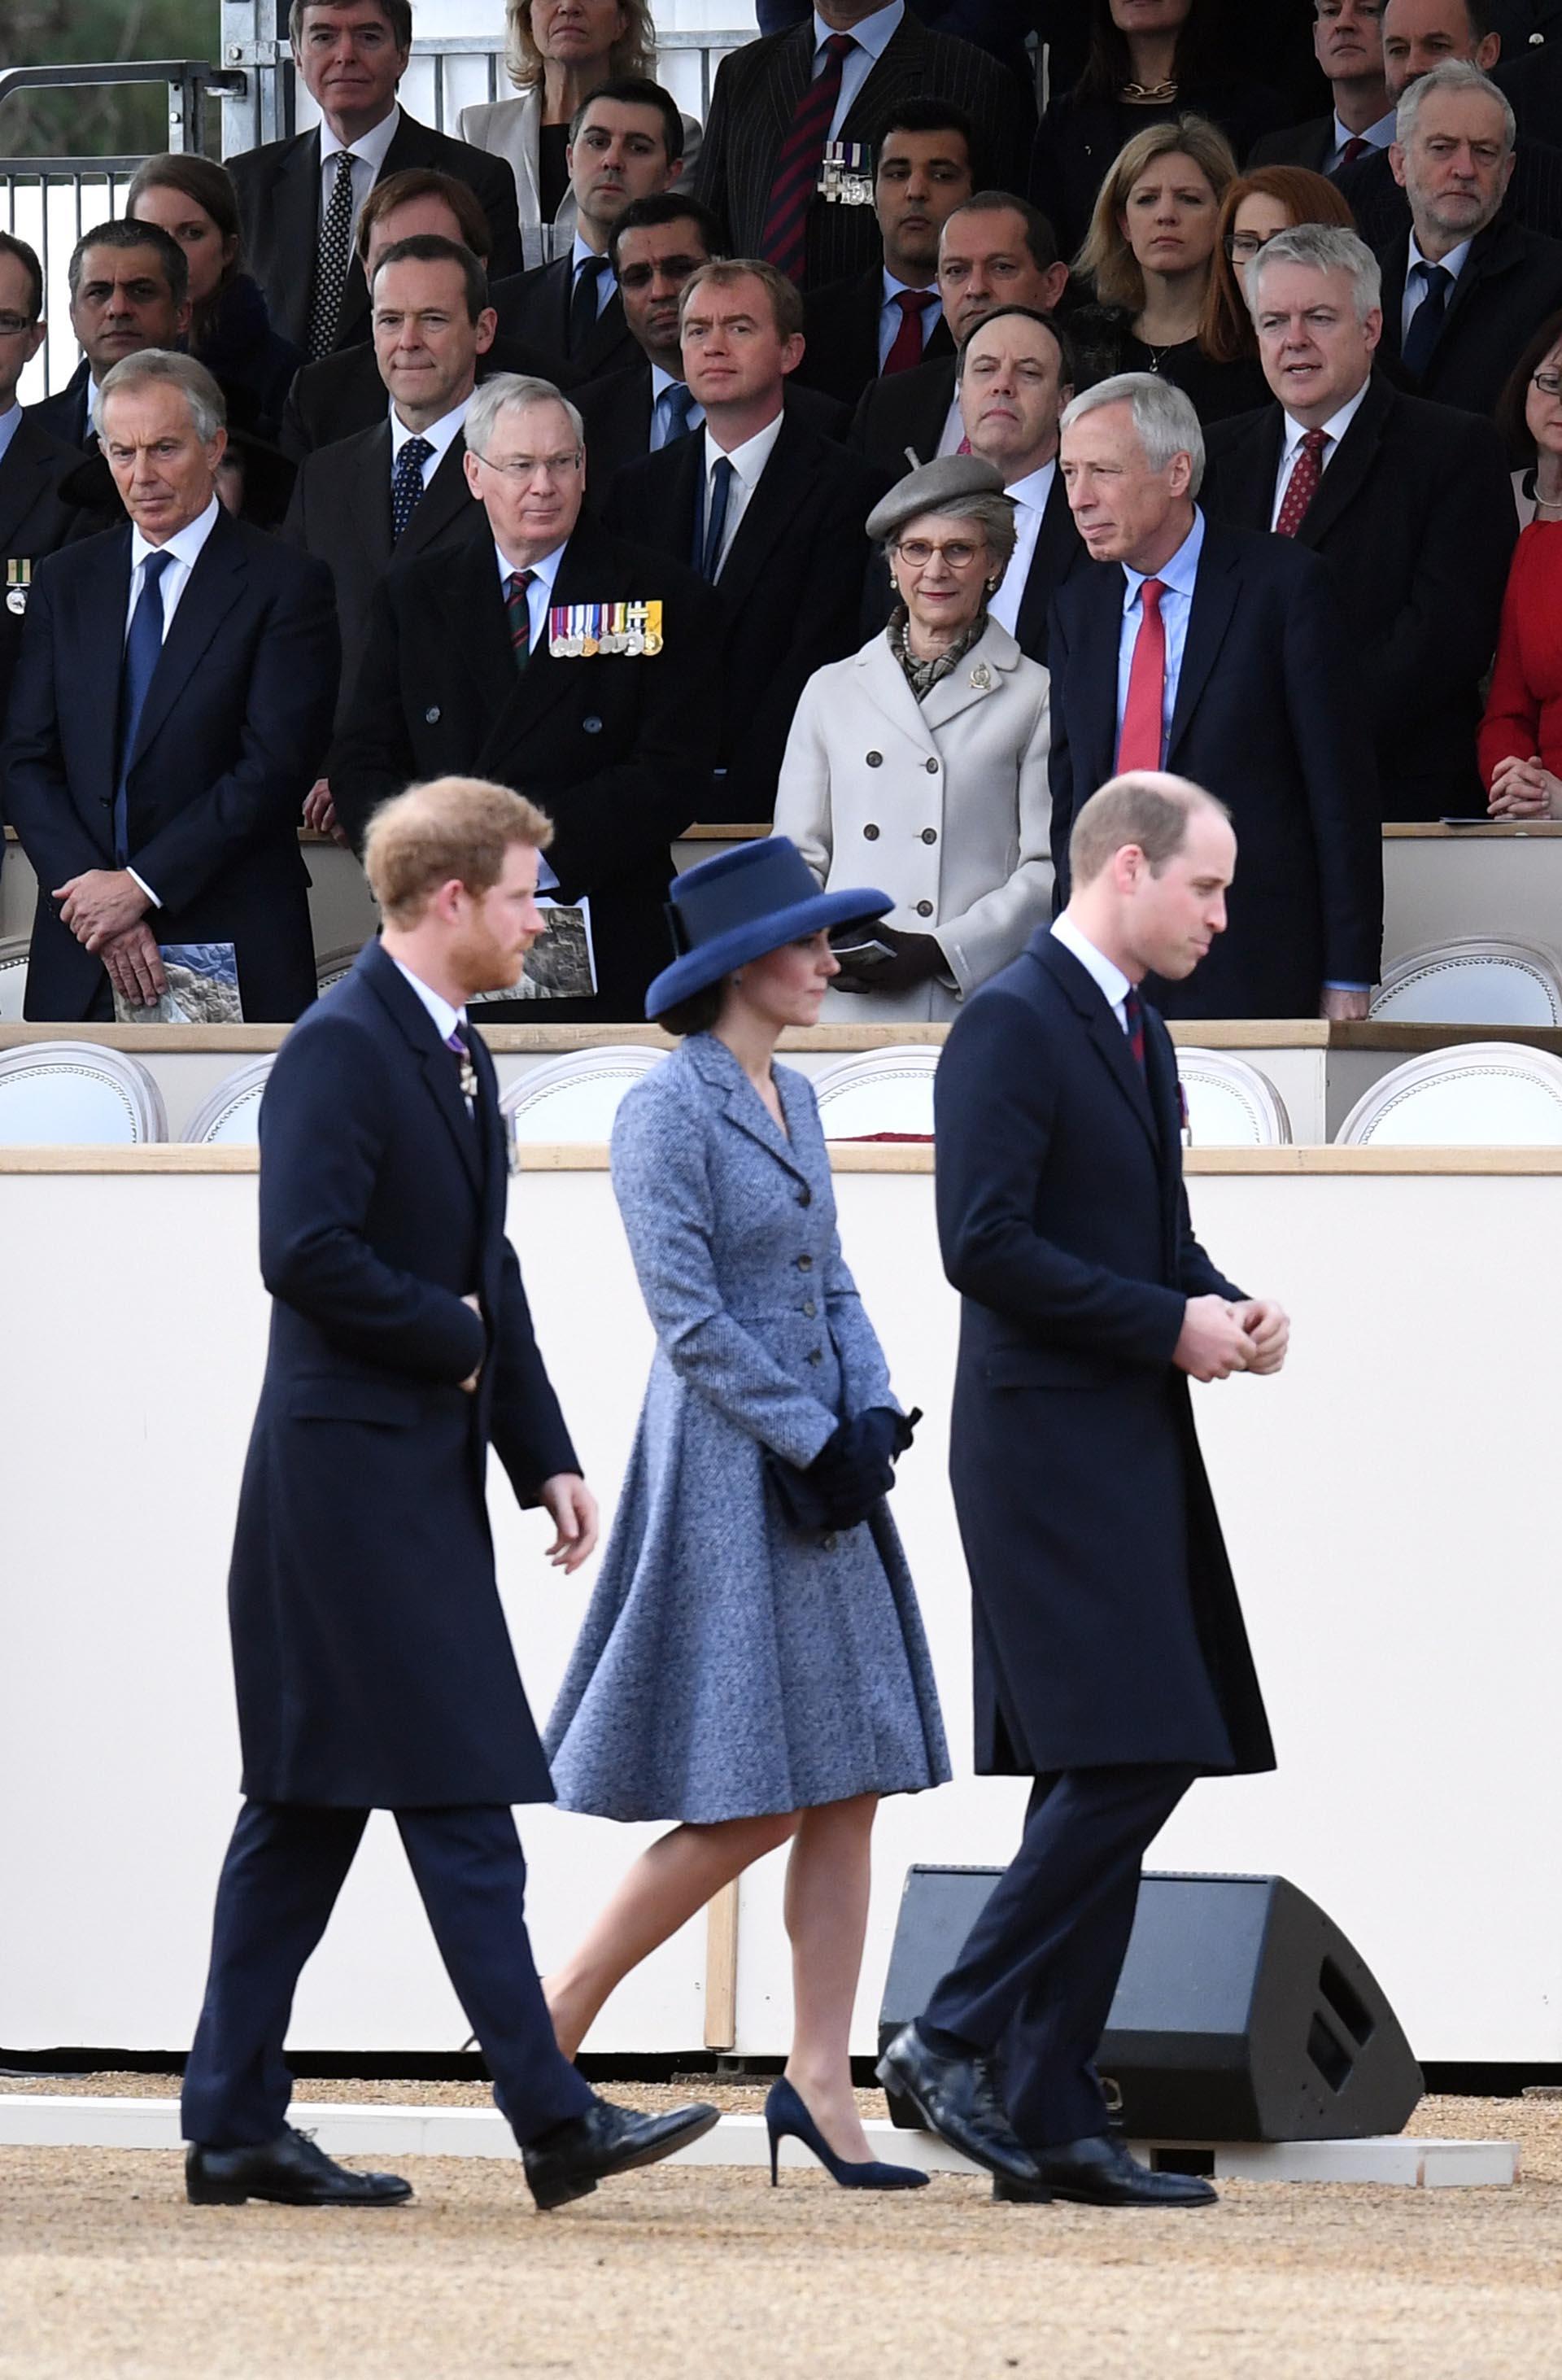 Catalina caminó junto a los dos príncipes y brilló con su glamoroso estilo